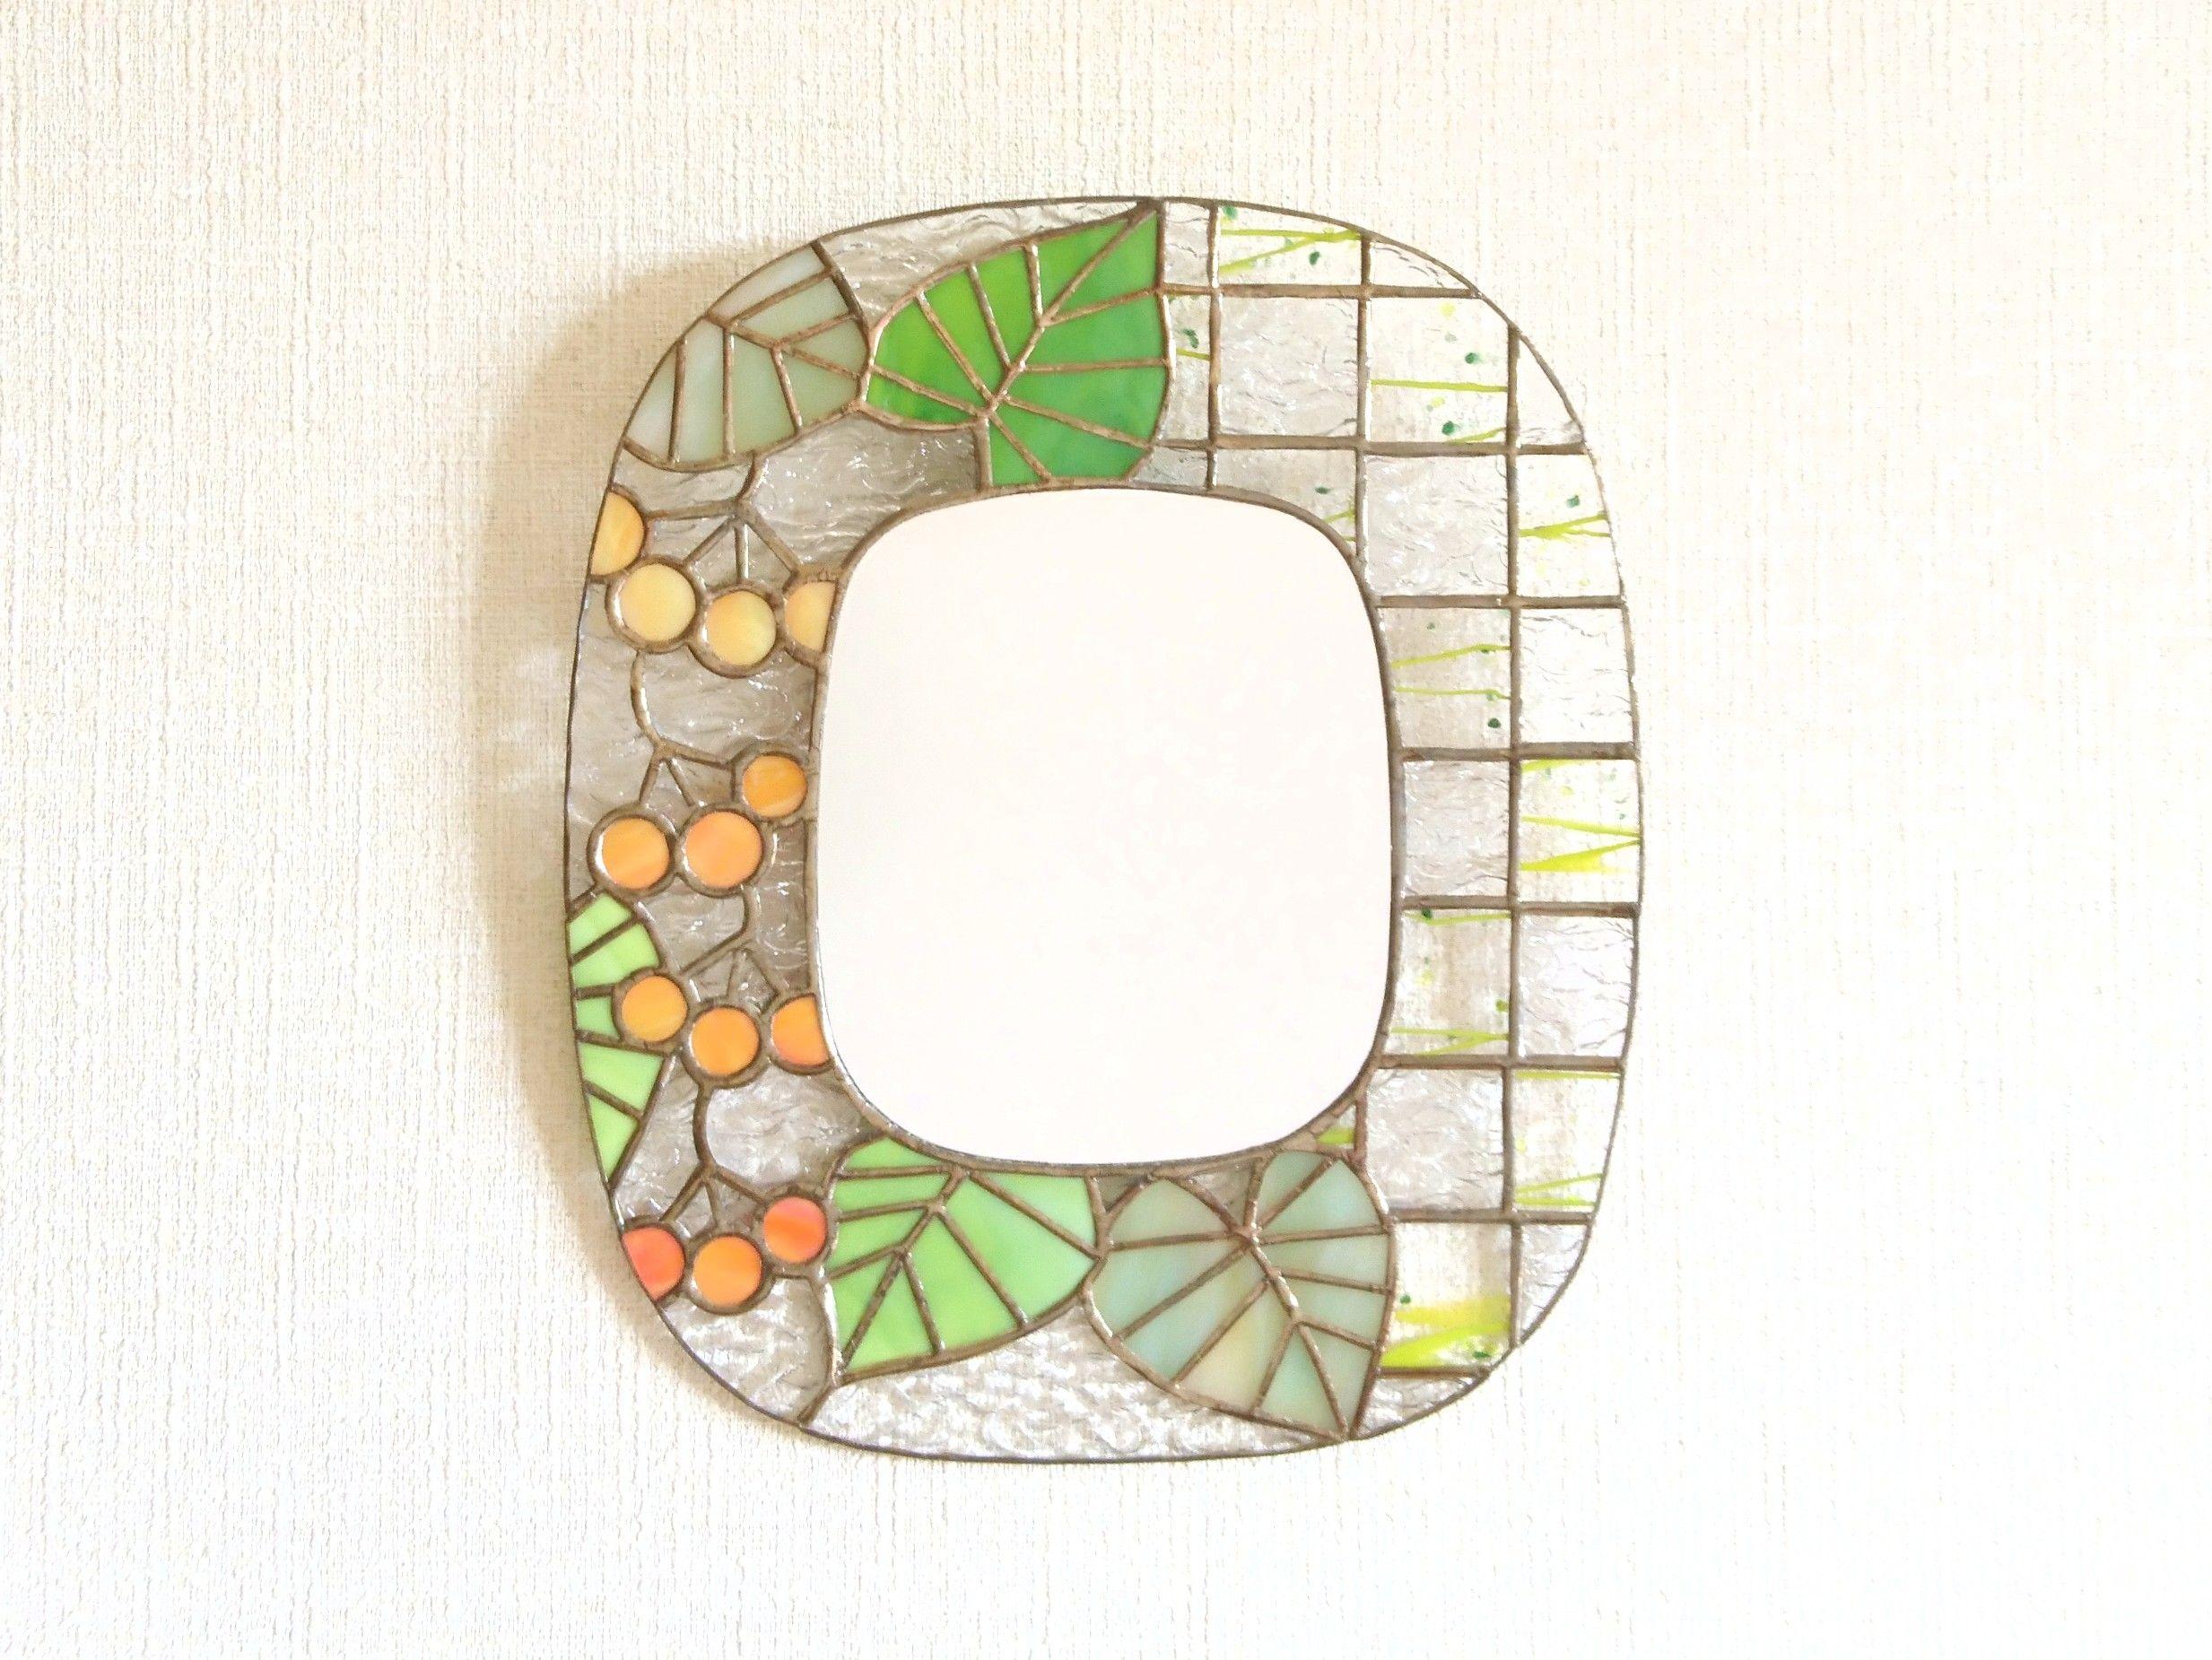 壁掛け鏡 果実 市松 鏡 壁掛け 壁掛け 鏡